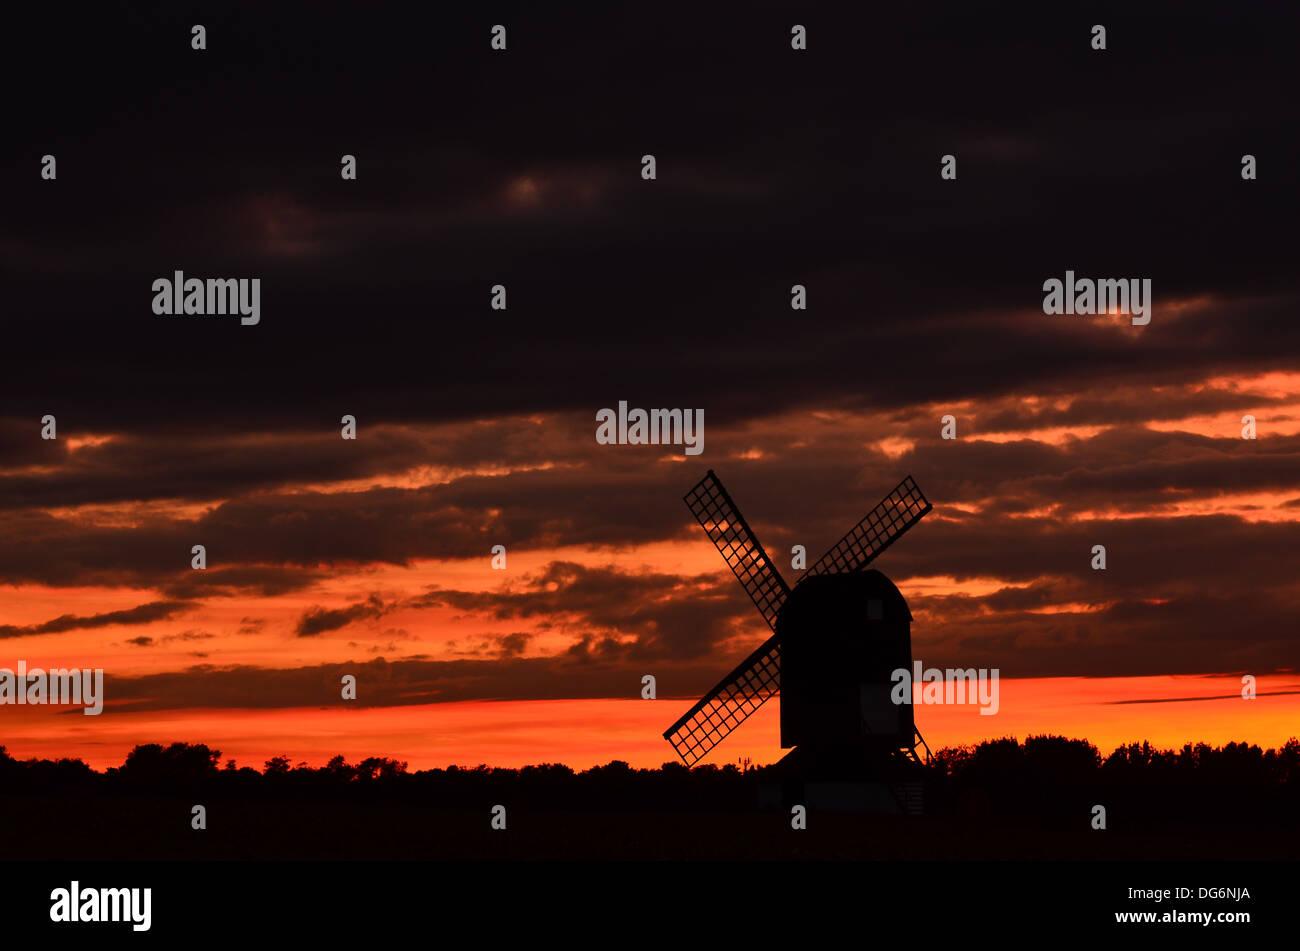 Pitstone windmill at sunset - Stock Image